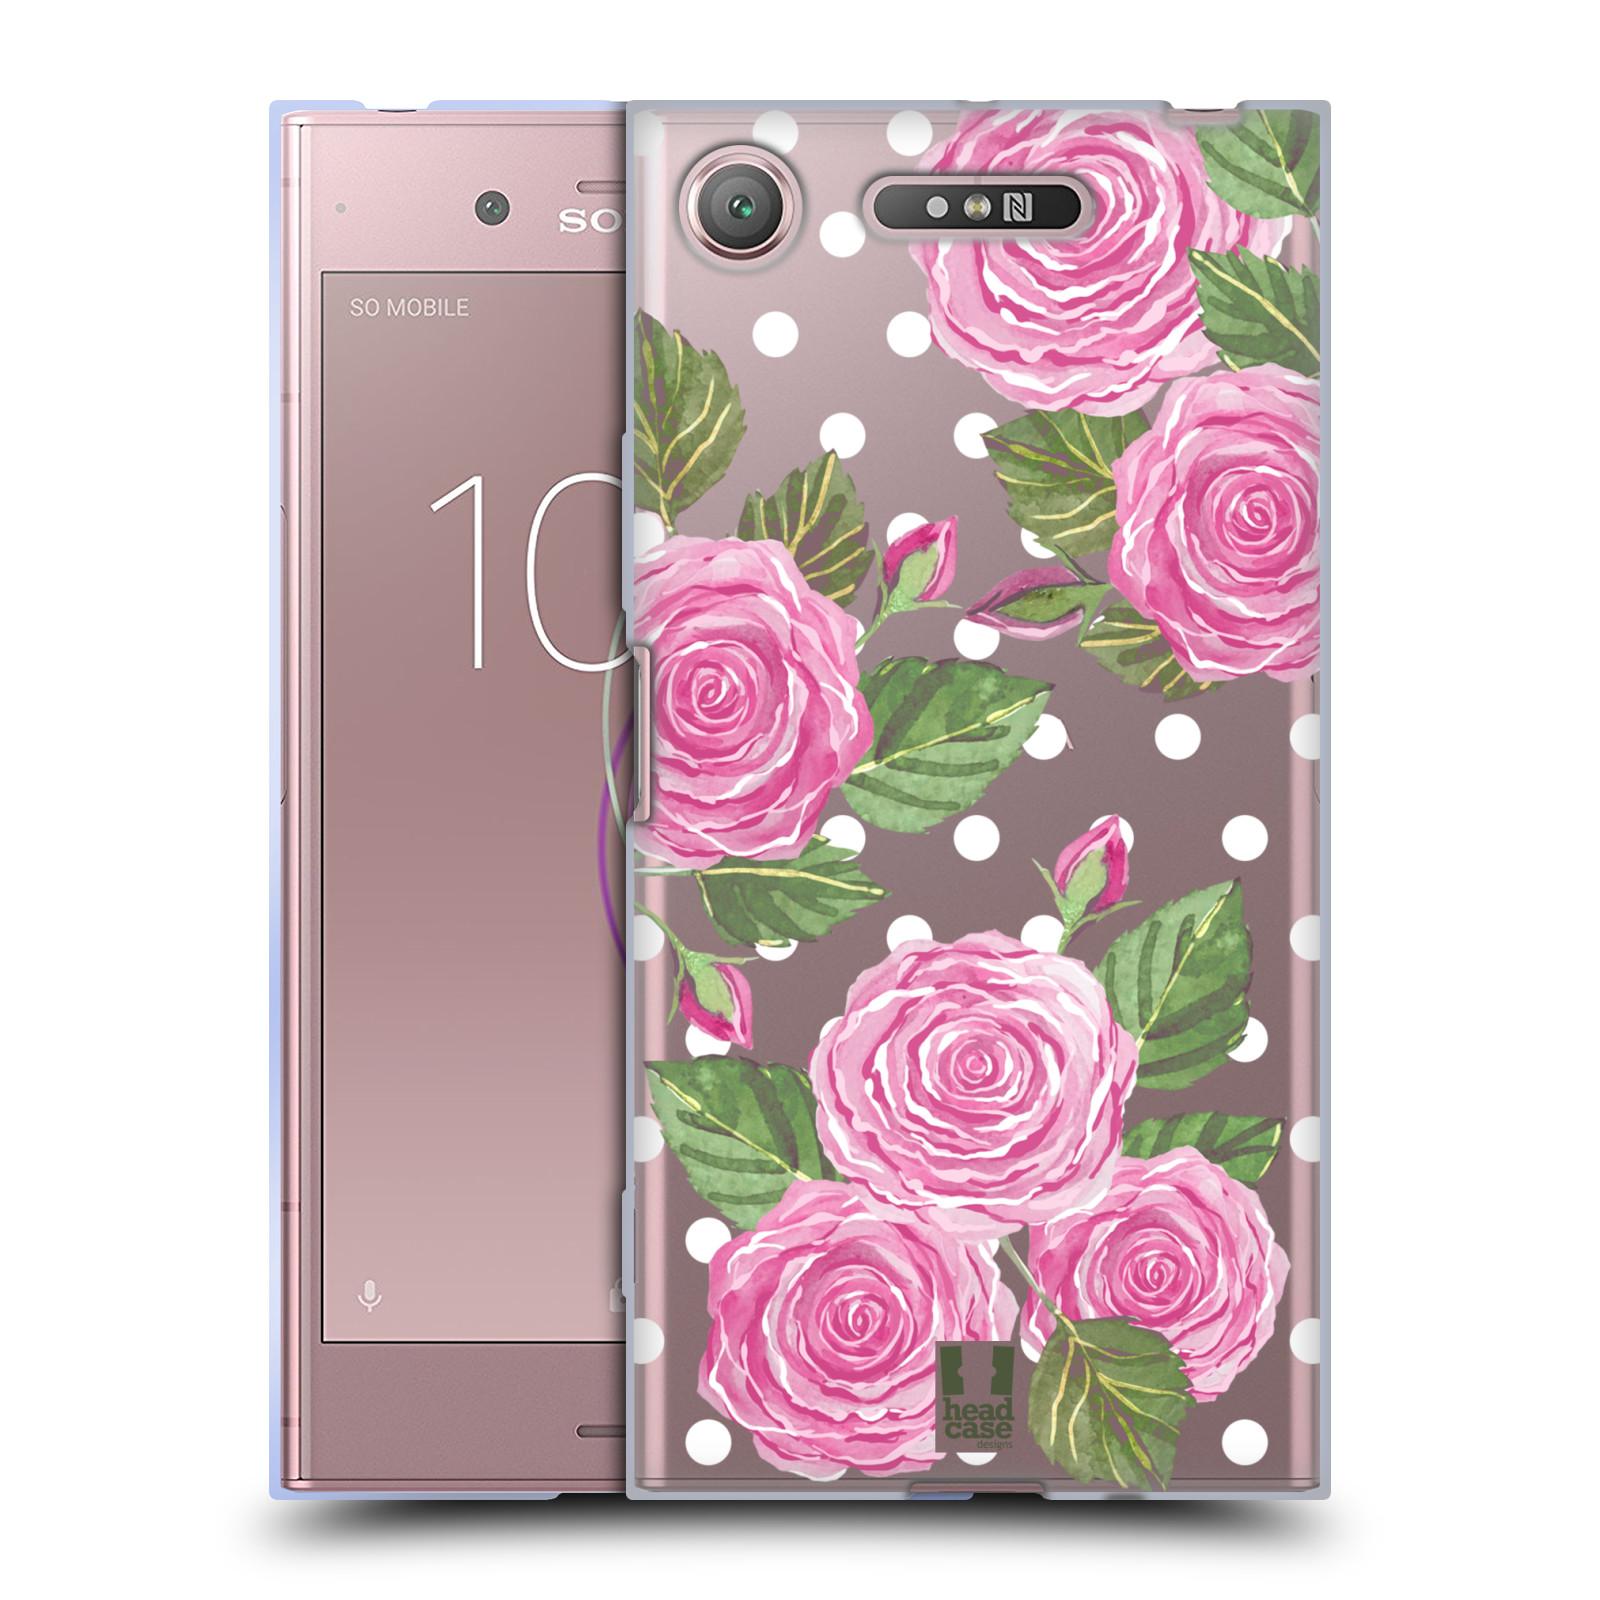 Silikonové pouzdro na mobil Sony Xperia XZ1 - Head Case - Hezoučké růžičky - průhledné